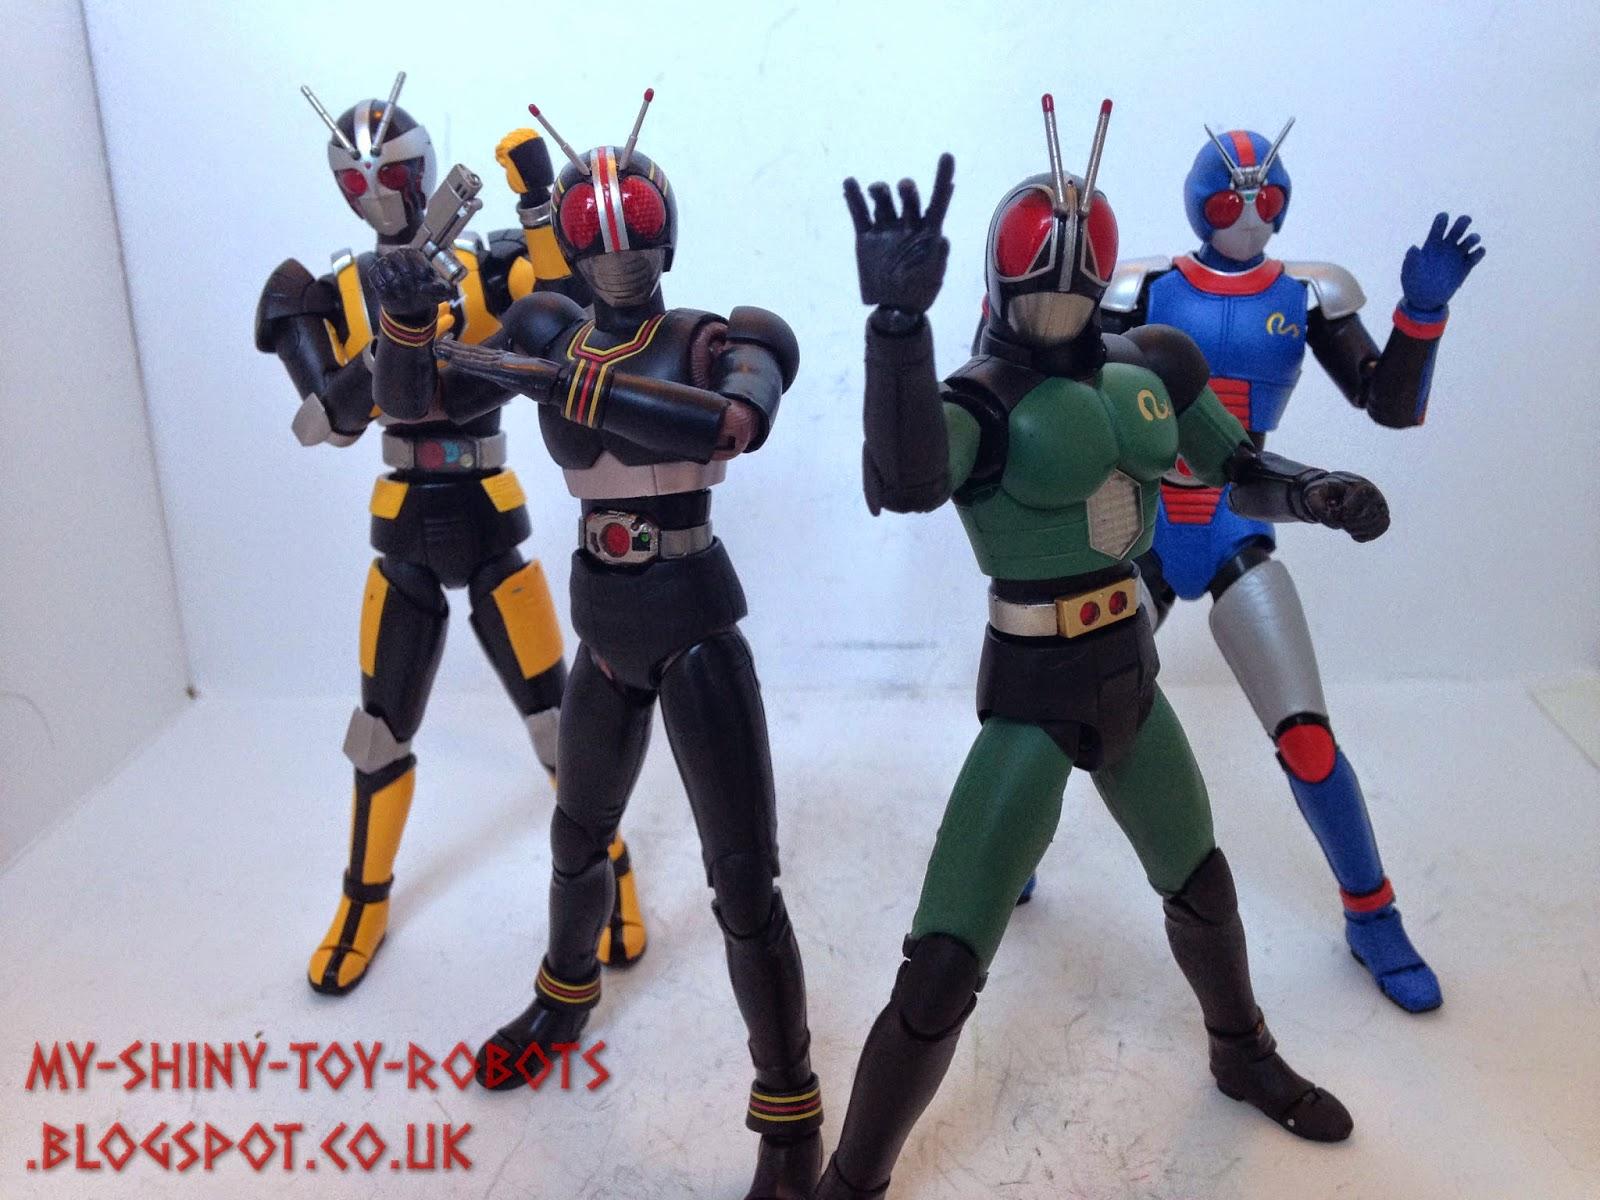 Black, RX, Roborider & Biorider